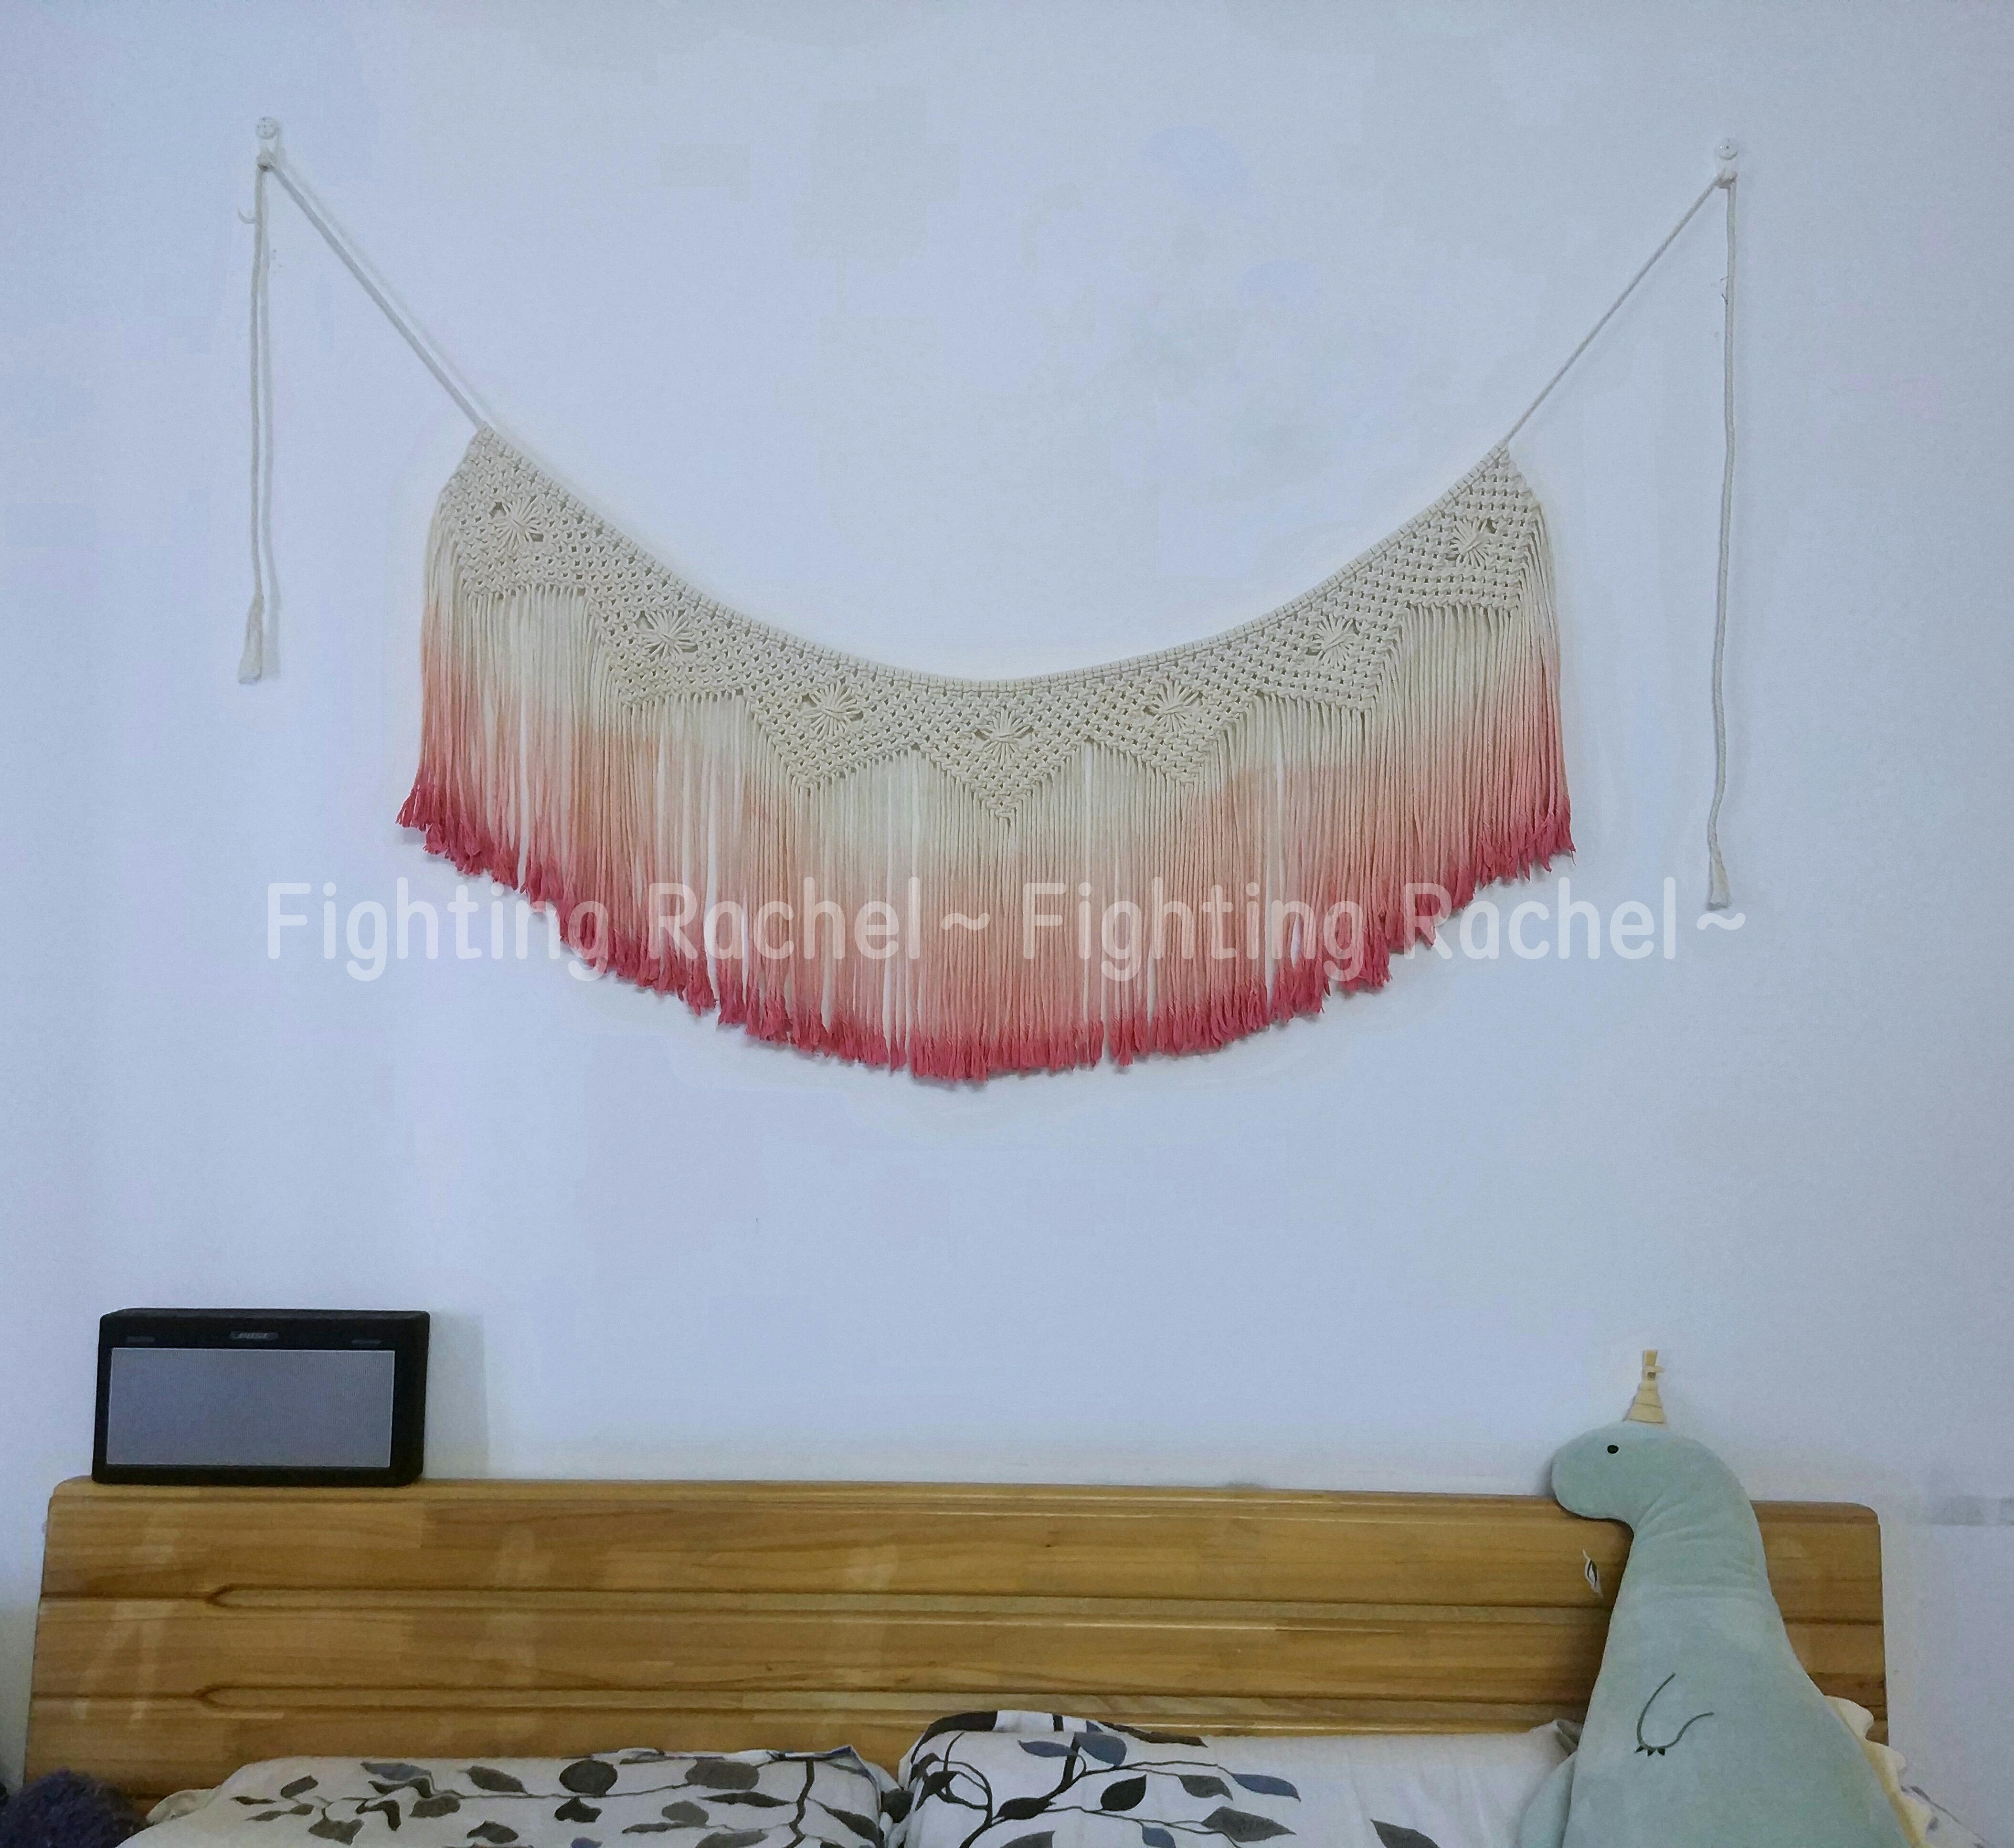 Арбуз красный богемия прикроватный вешать одеяло настенный нордический ручной небольшой свежий брелок литература и искусство ветер